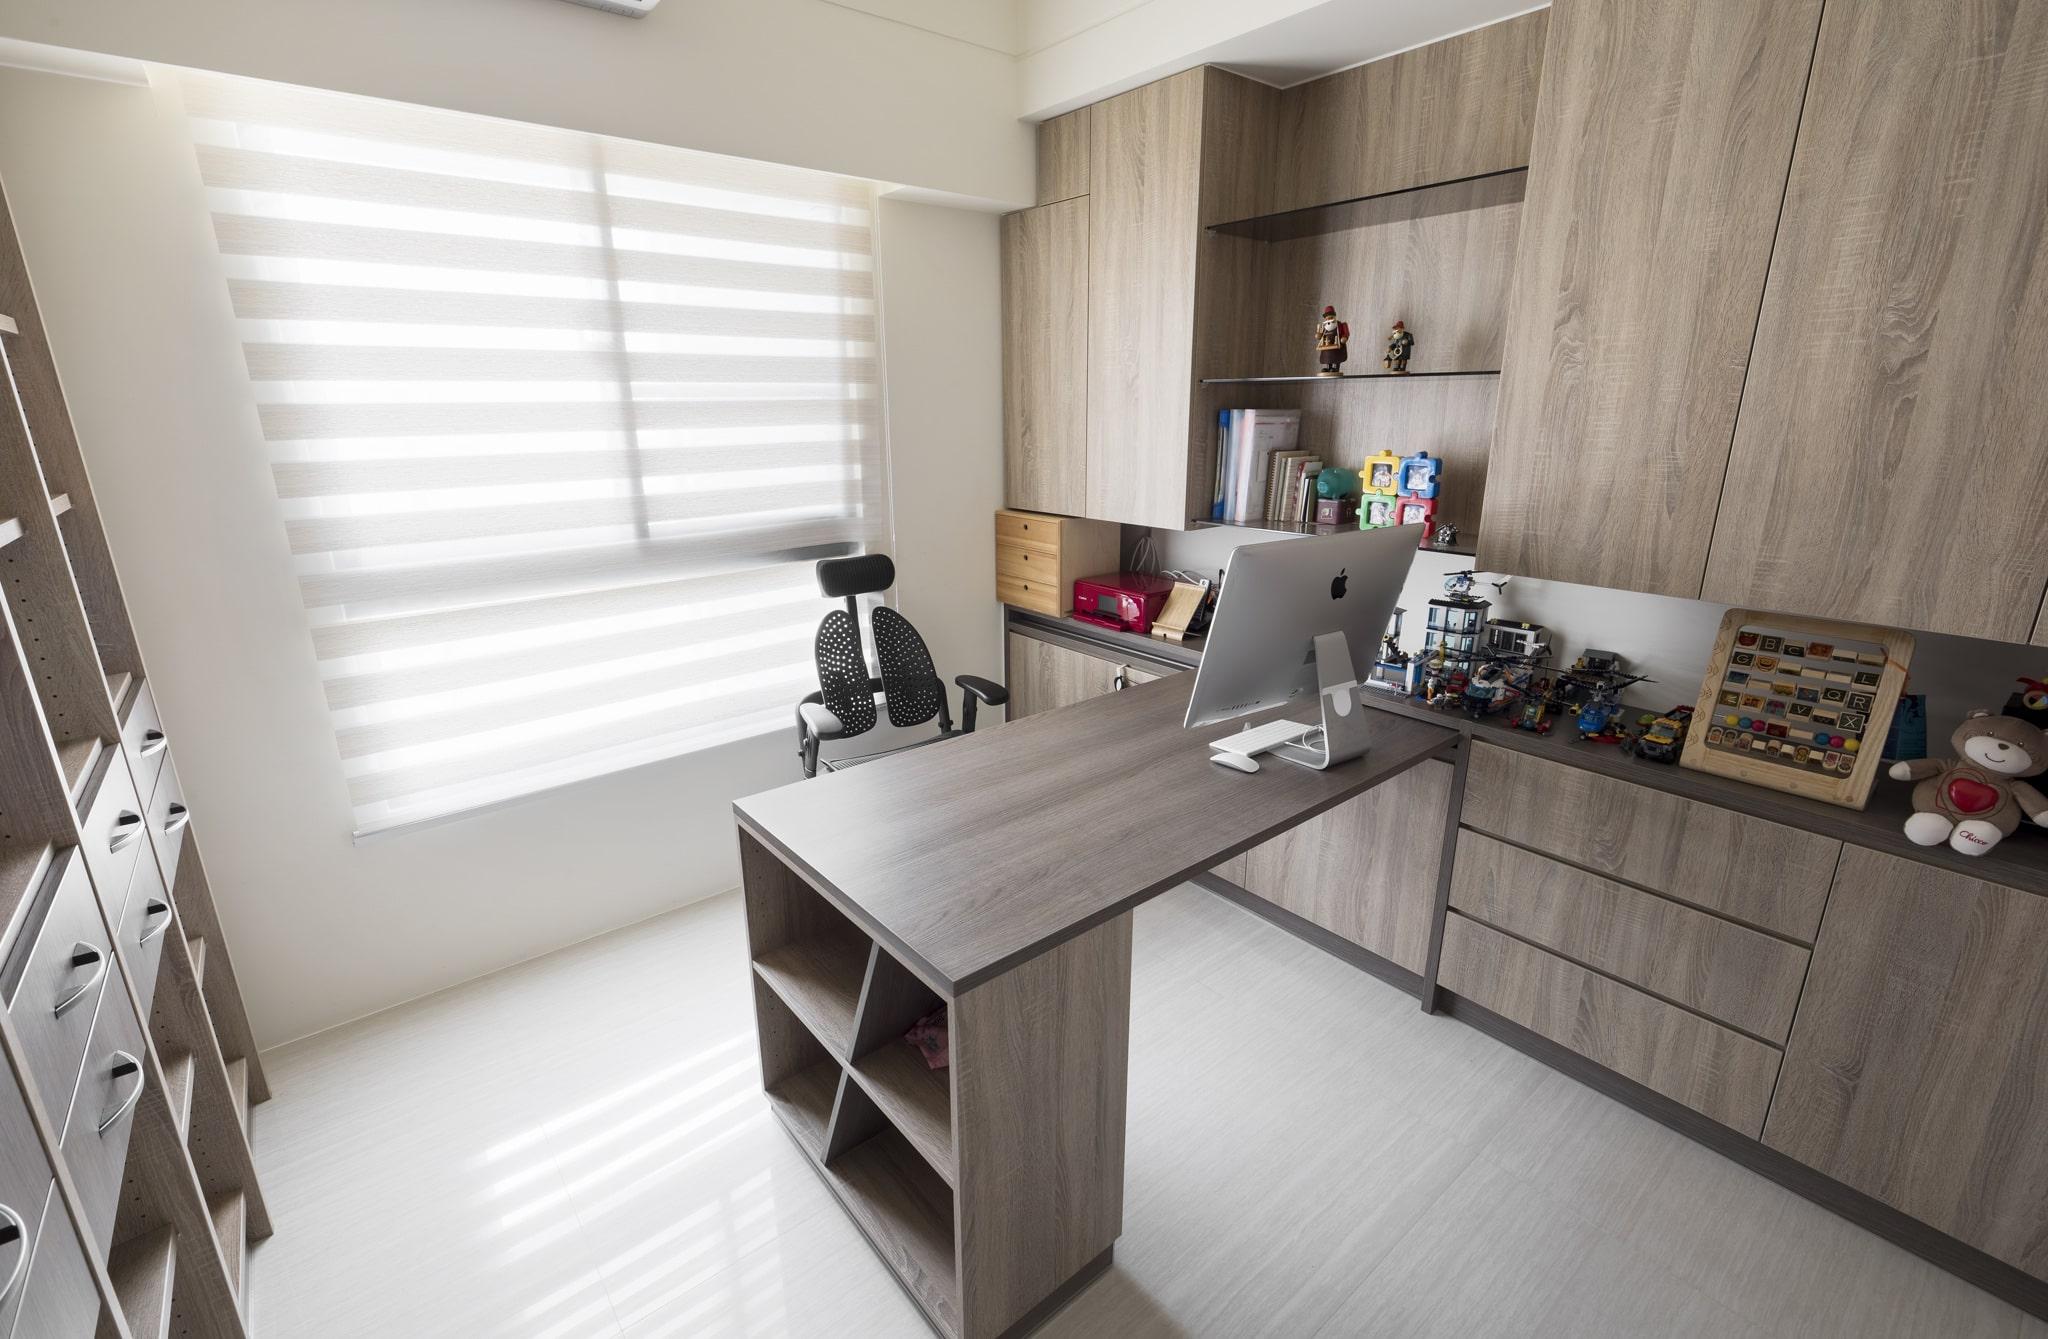 歐德集團,系統傢俱,室內設計,優渥實木,實木傢俱,現代沙發,收納櫃,北歐風,簡約風,現代風